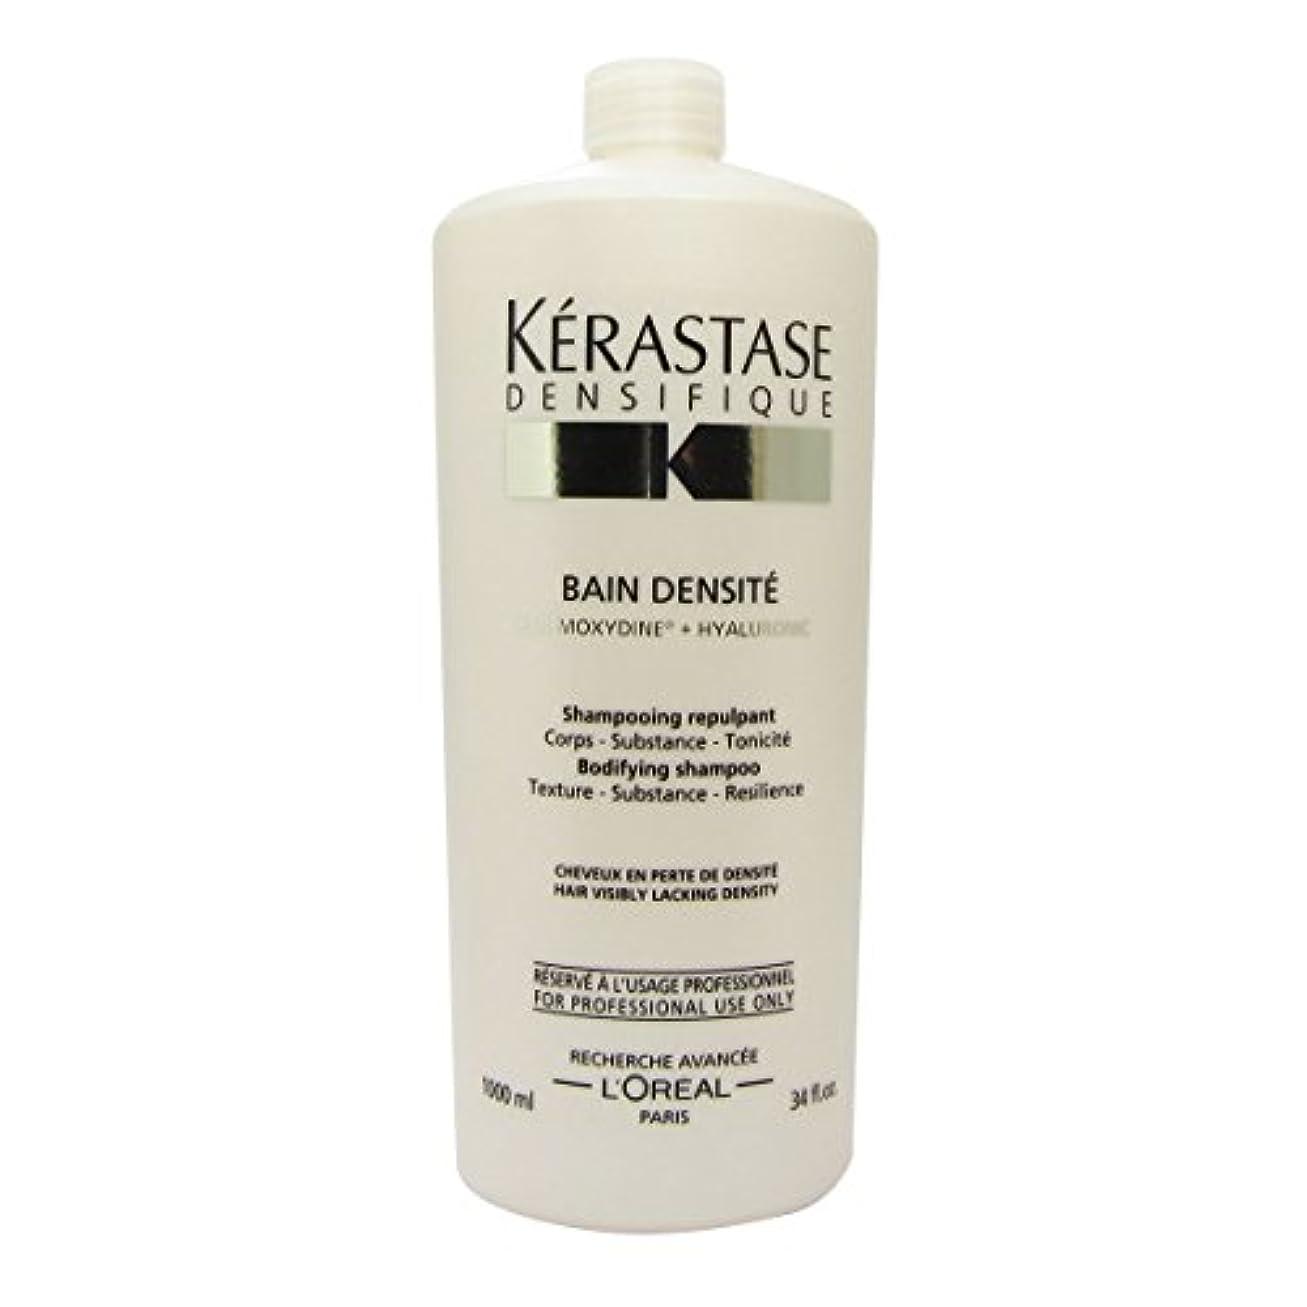 不一致熱帯のリテラシーケラスターゼ(KERASTASE) DS バン デンシフィック(スカルプケア) 1000ml [並行輸入品]